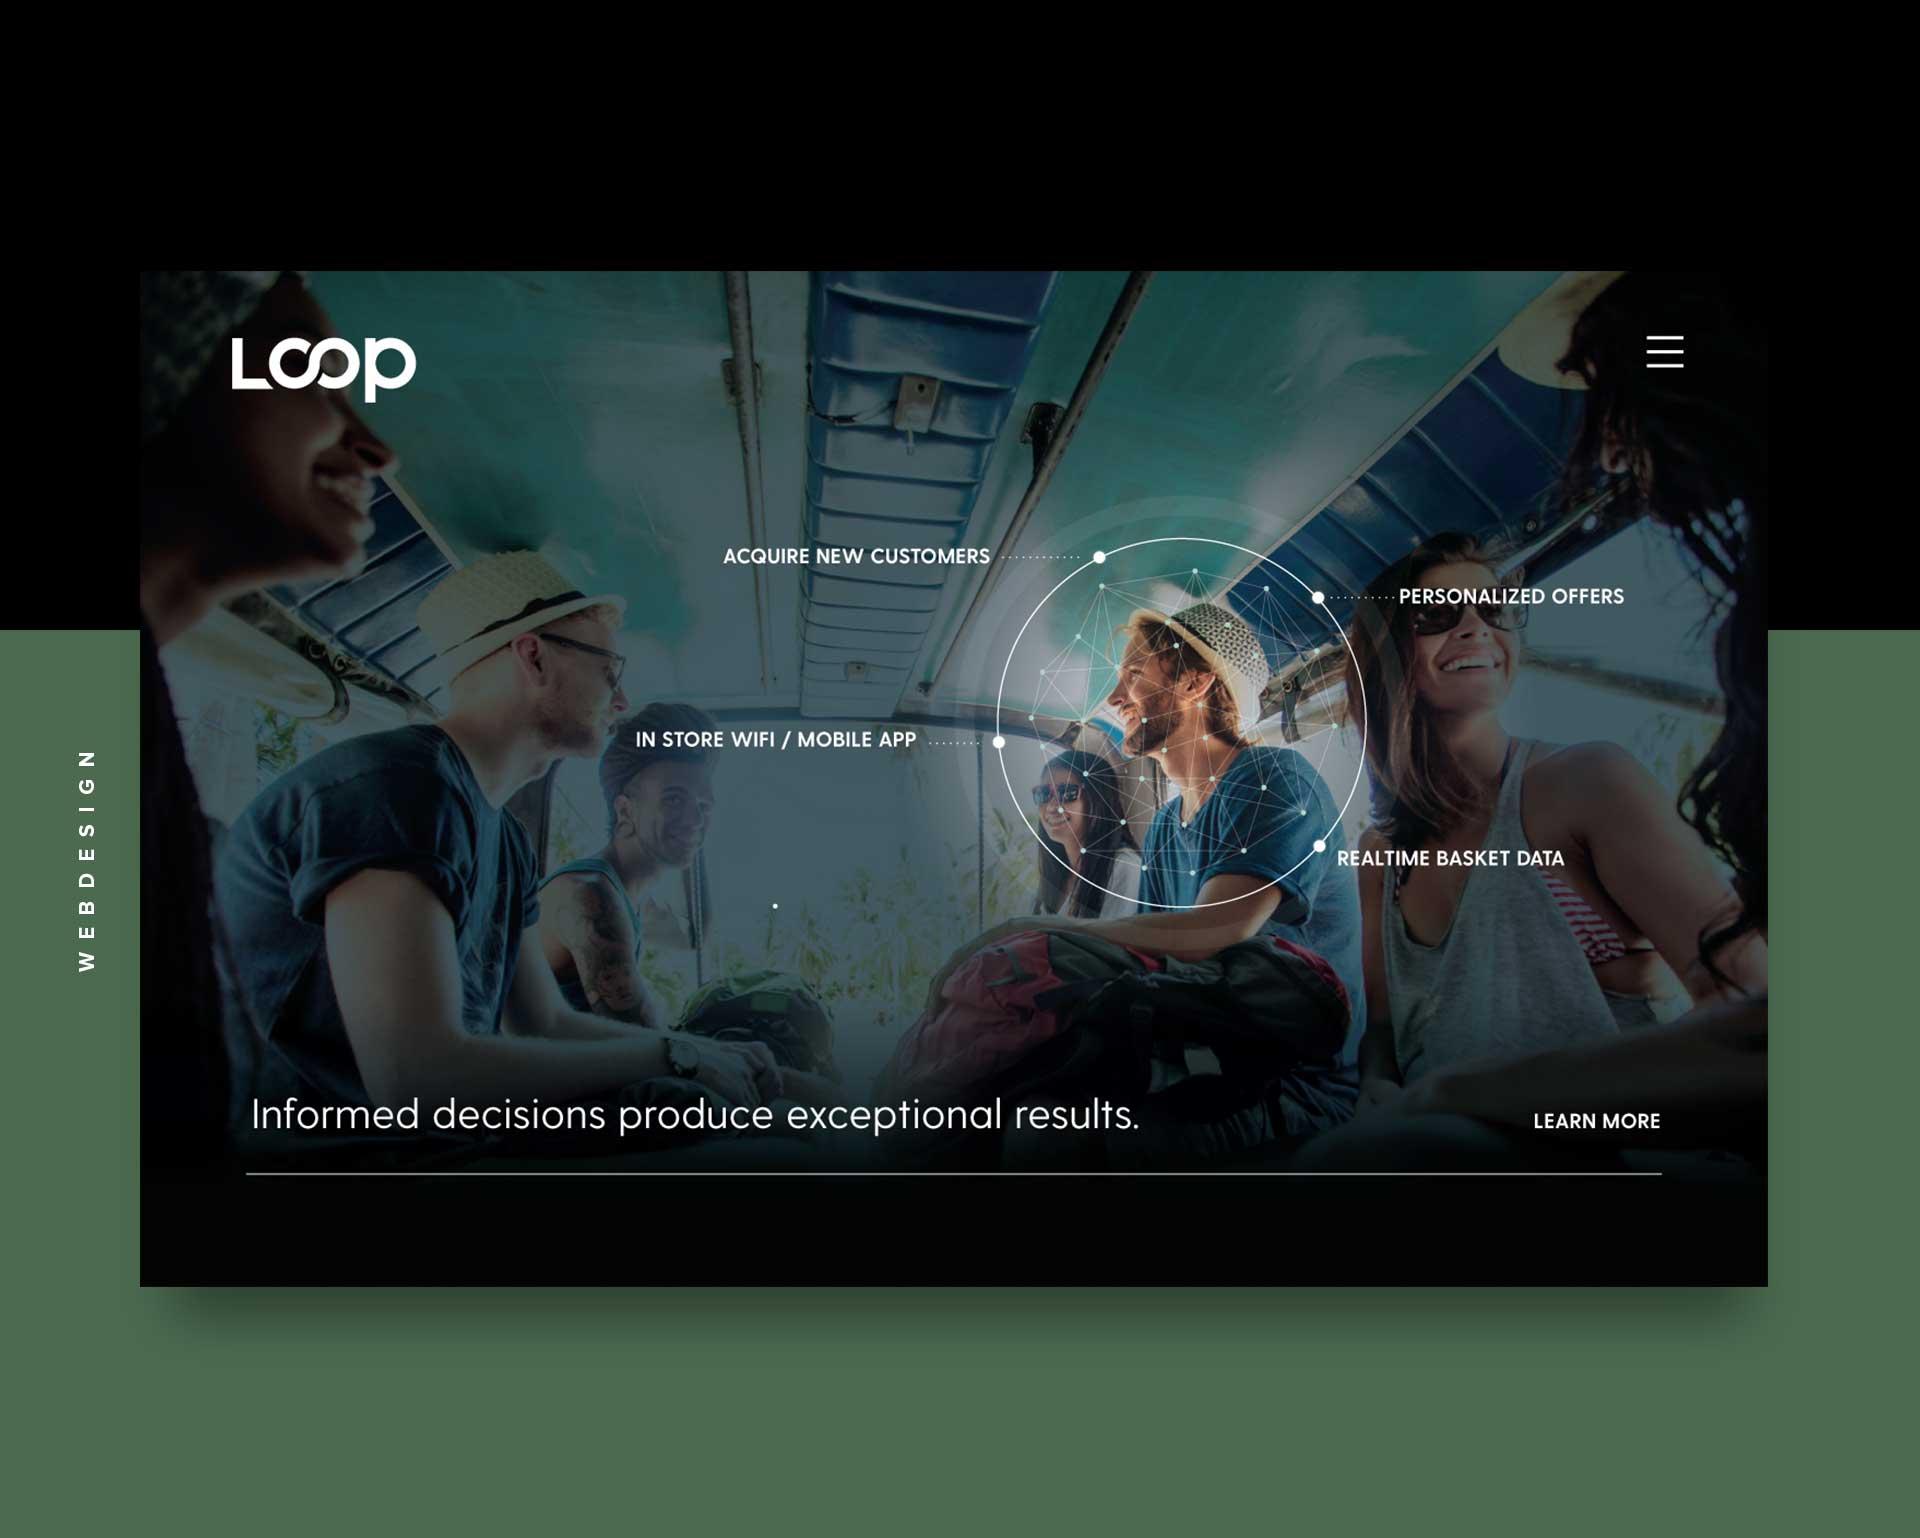 loop-insights-five-senses-web-design